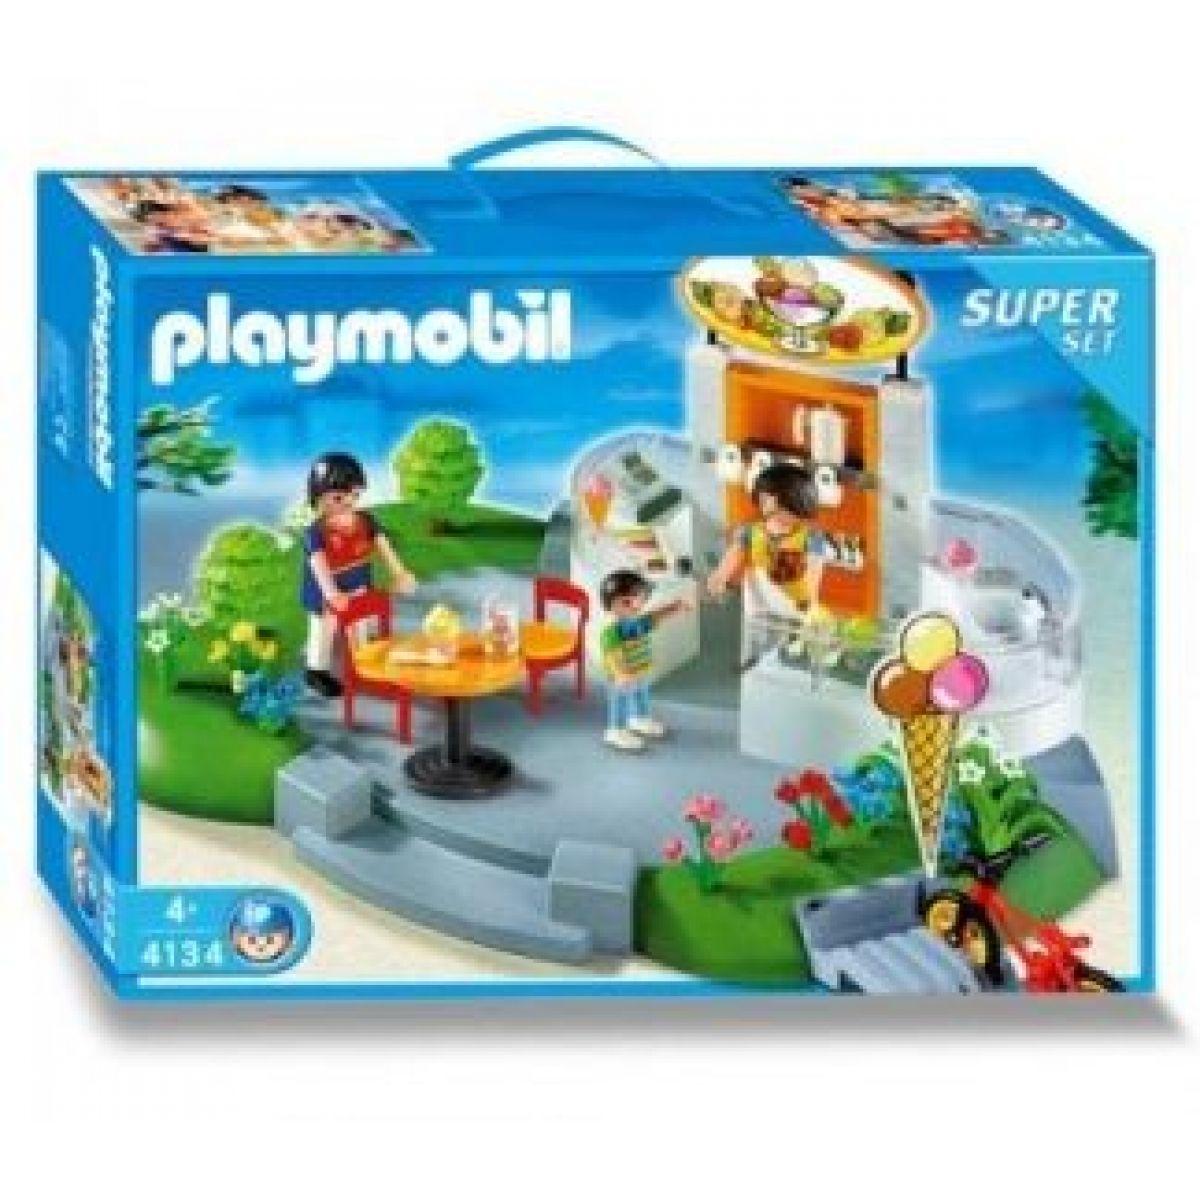 Super Set -  Cukrárna Playmobil 4134